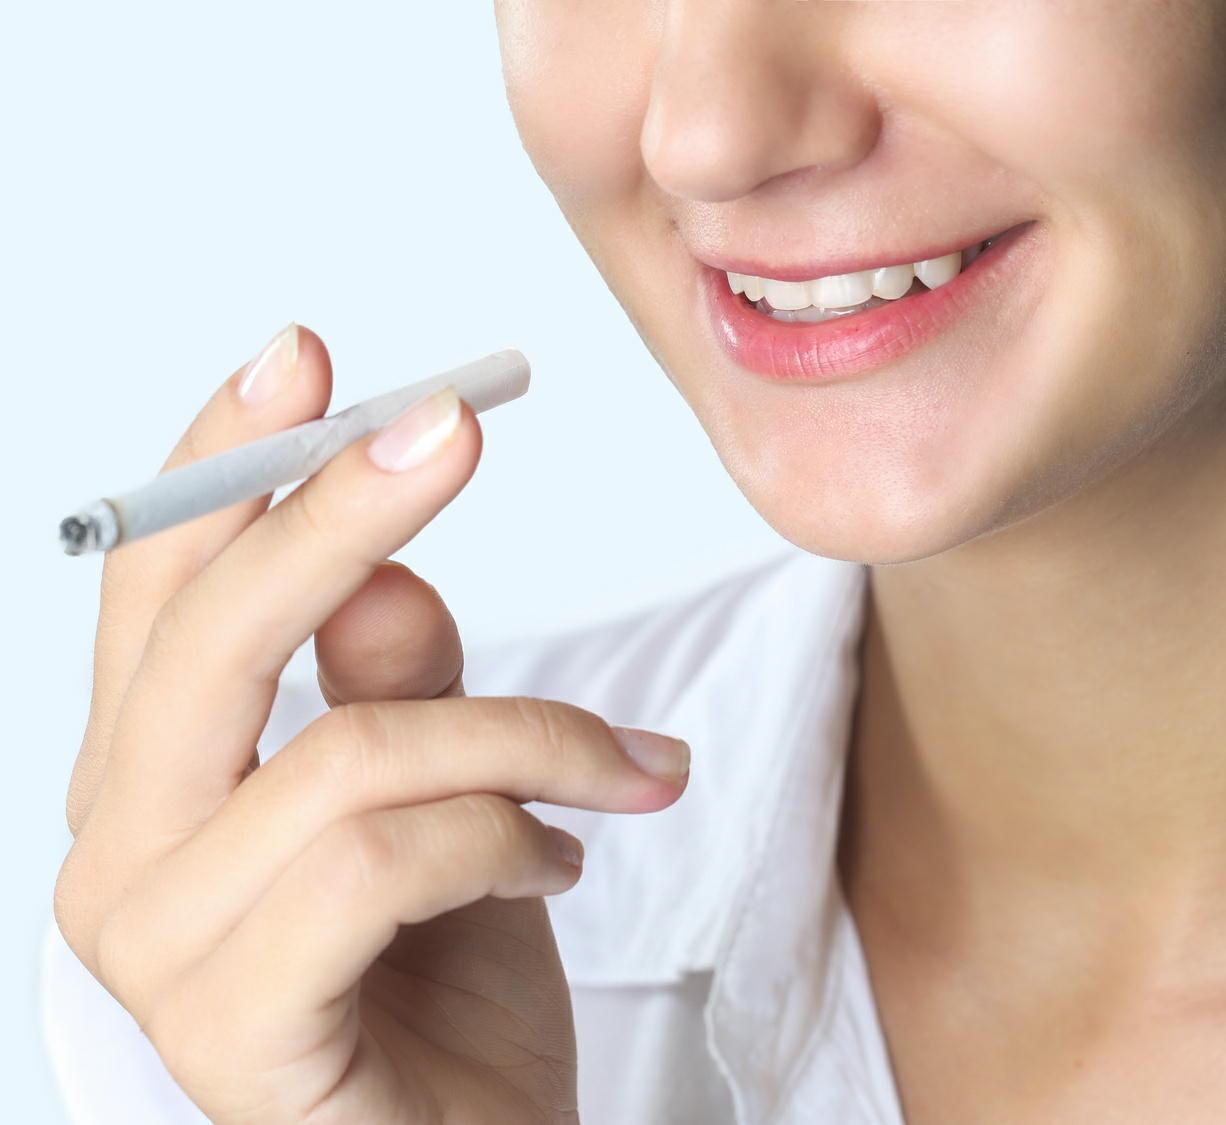 若年者や未成年者の「禁煙治療」を推進 日本禁煙学会が指針を公表